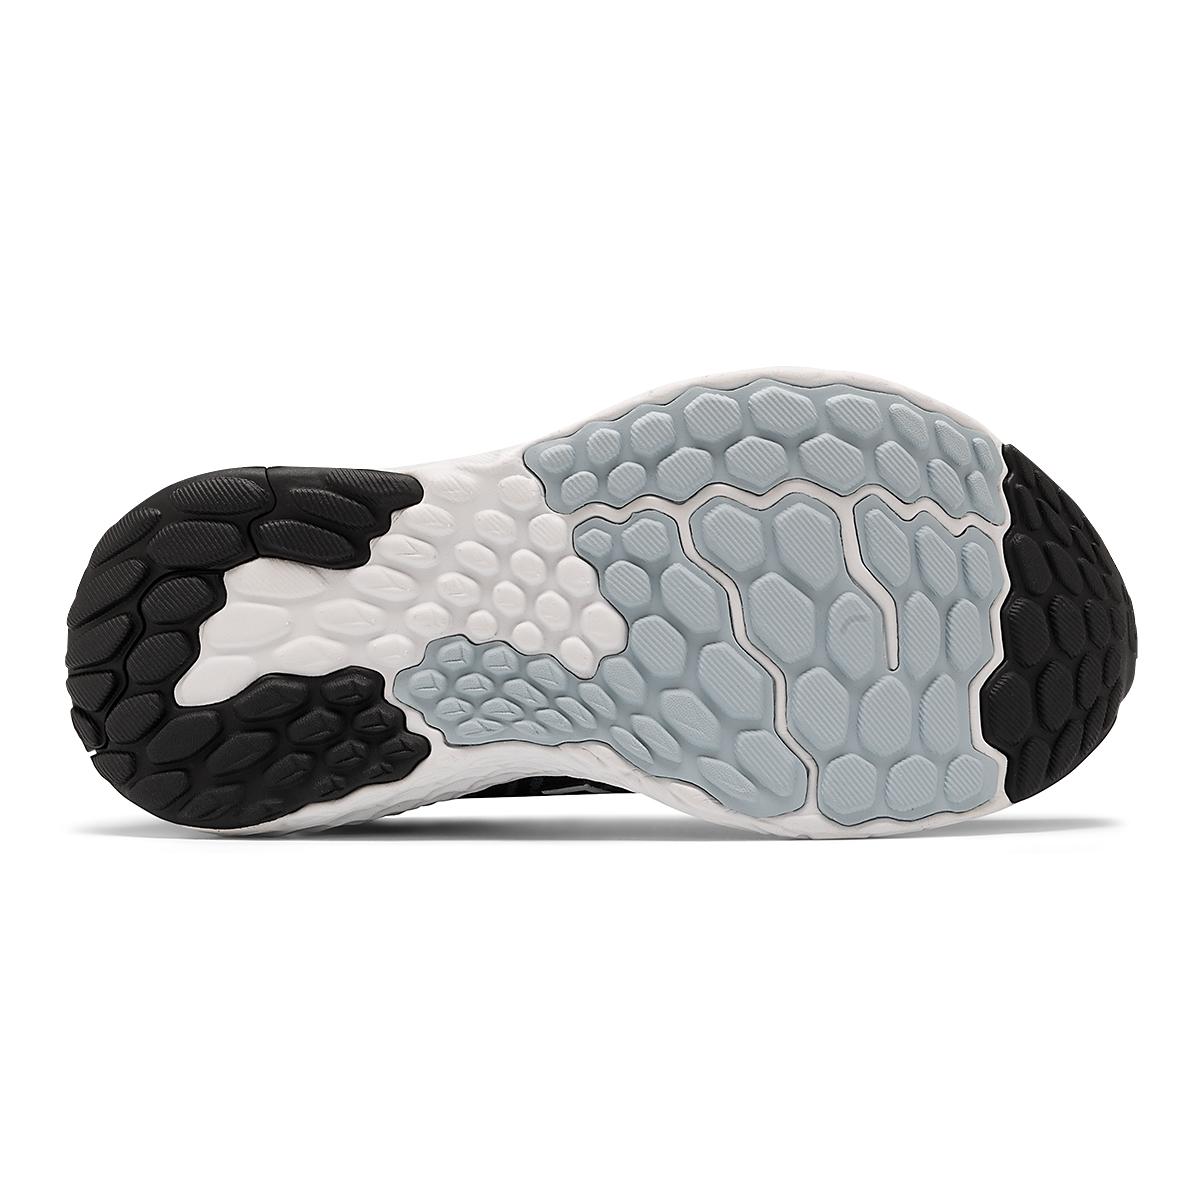 Women's New Balance 1080v11 Running Shoe, , large, image 3